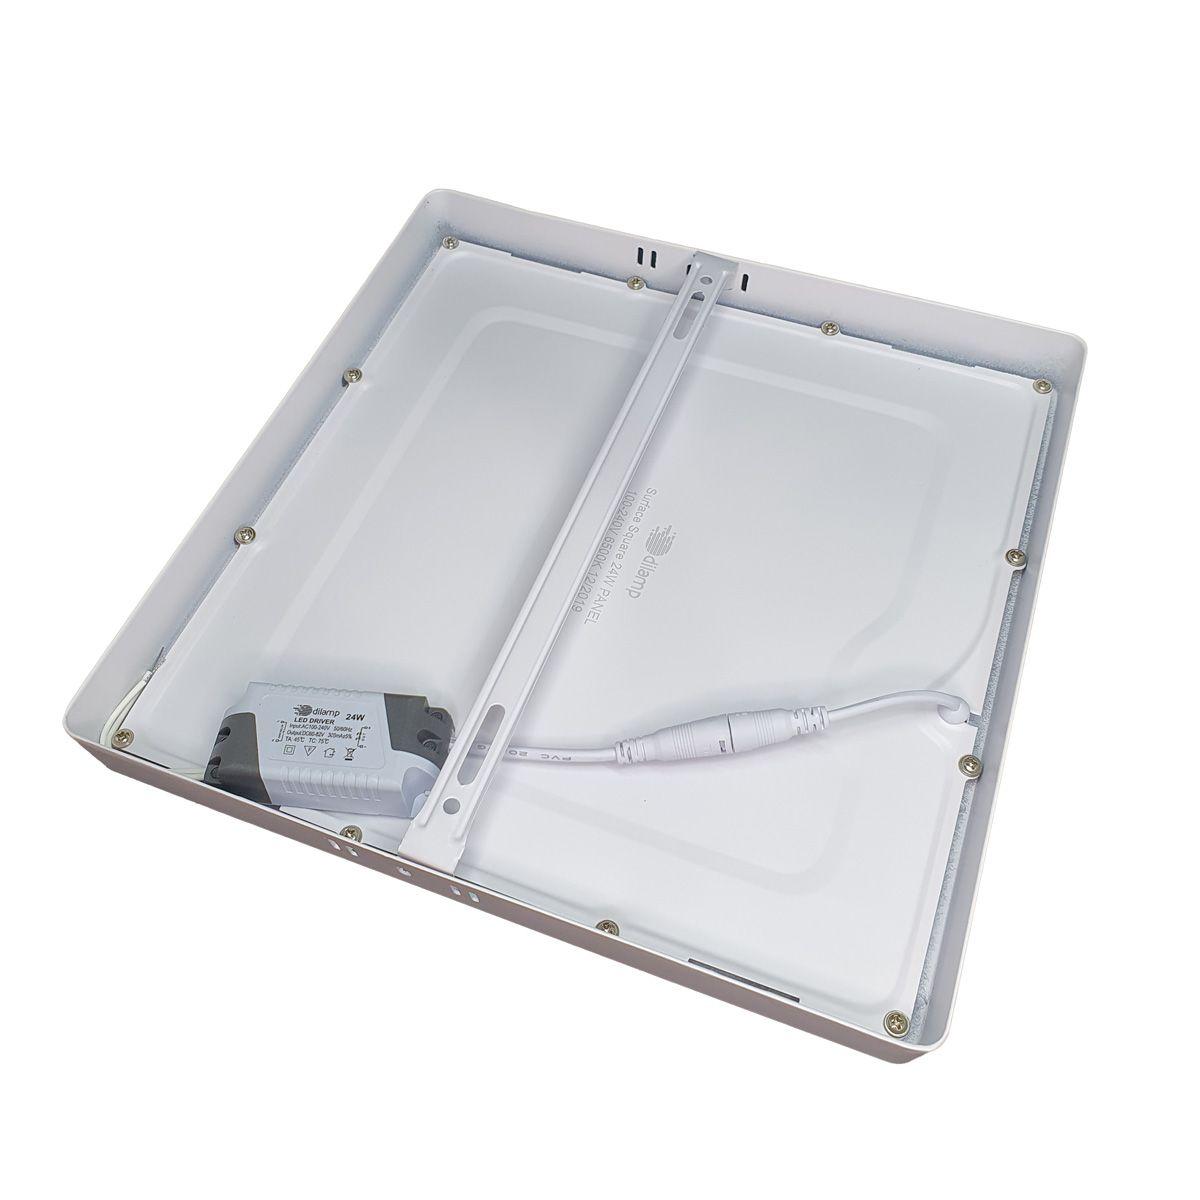 Painel Plafon Led 24w Quadrado Luminaria Sobrepor Branco Luz Frio DL-121